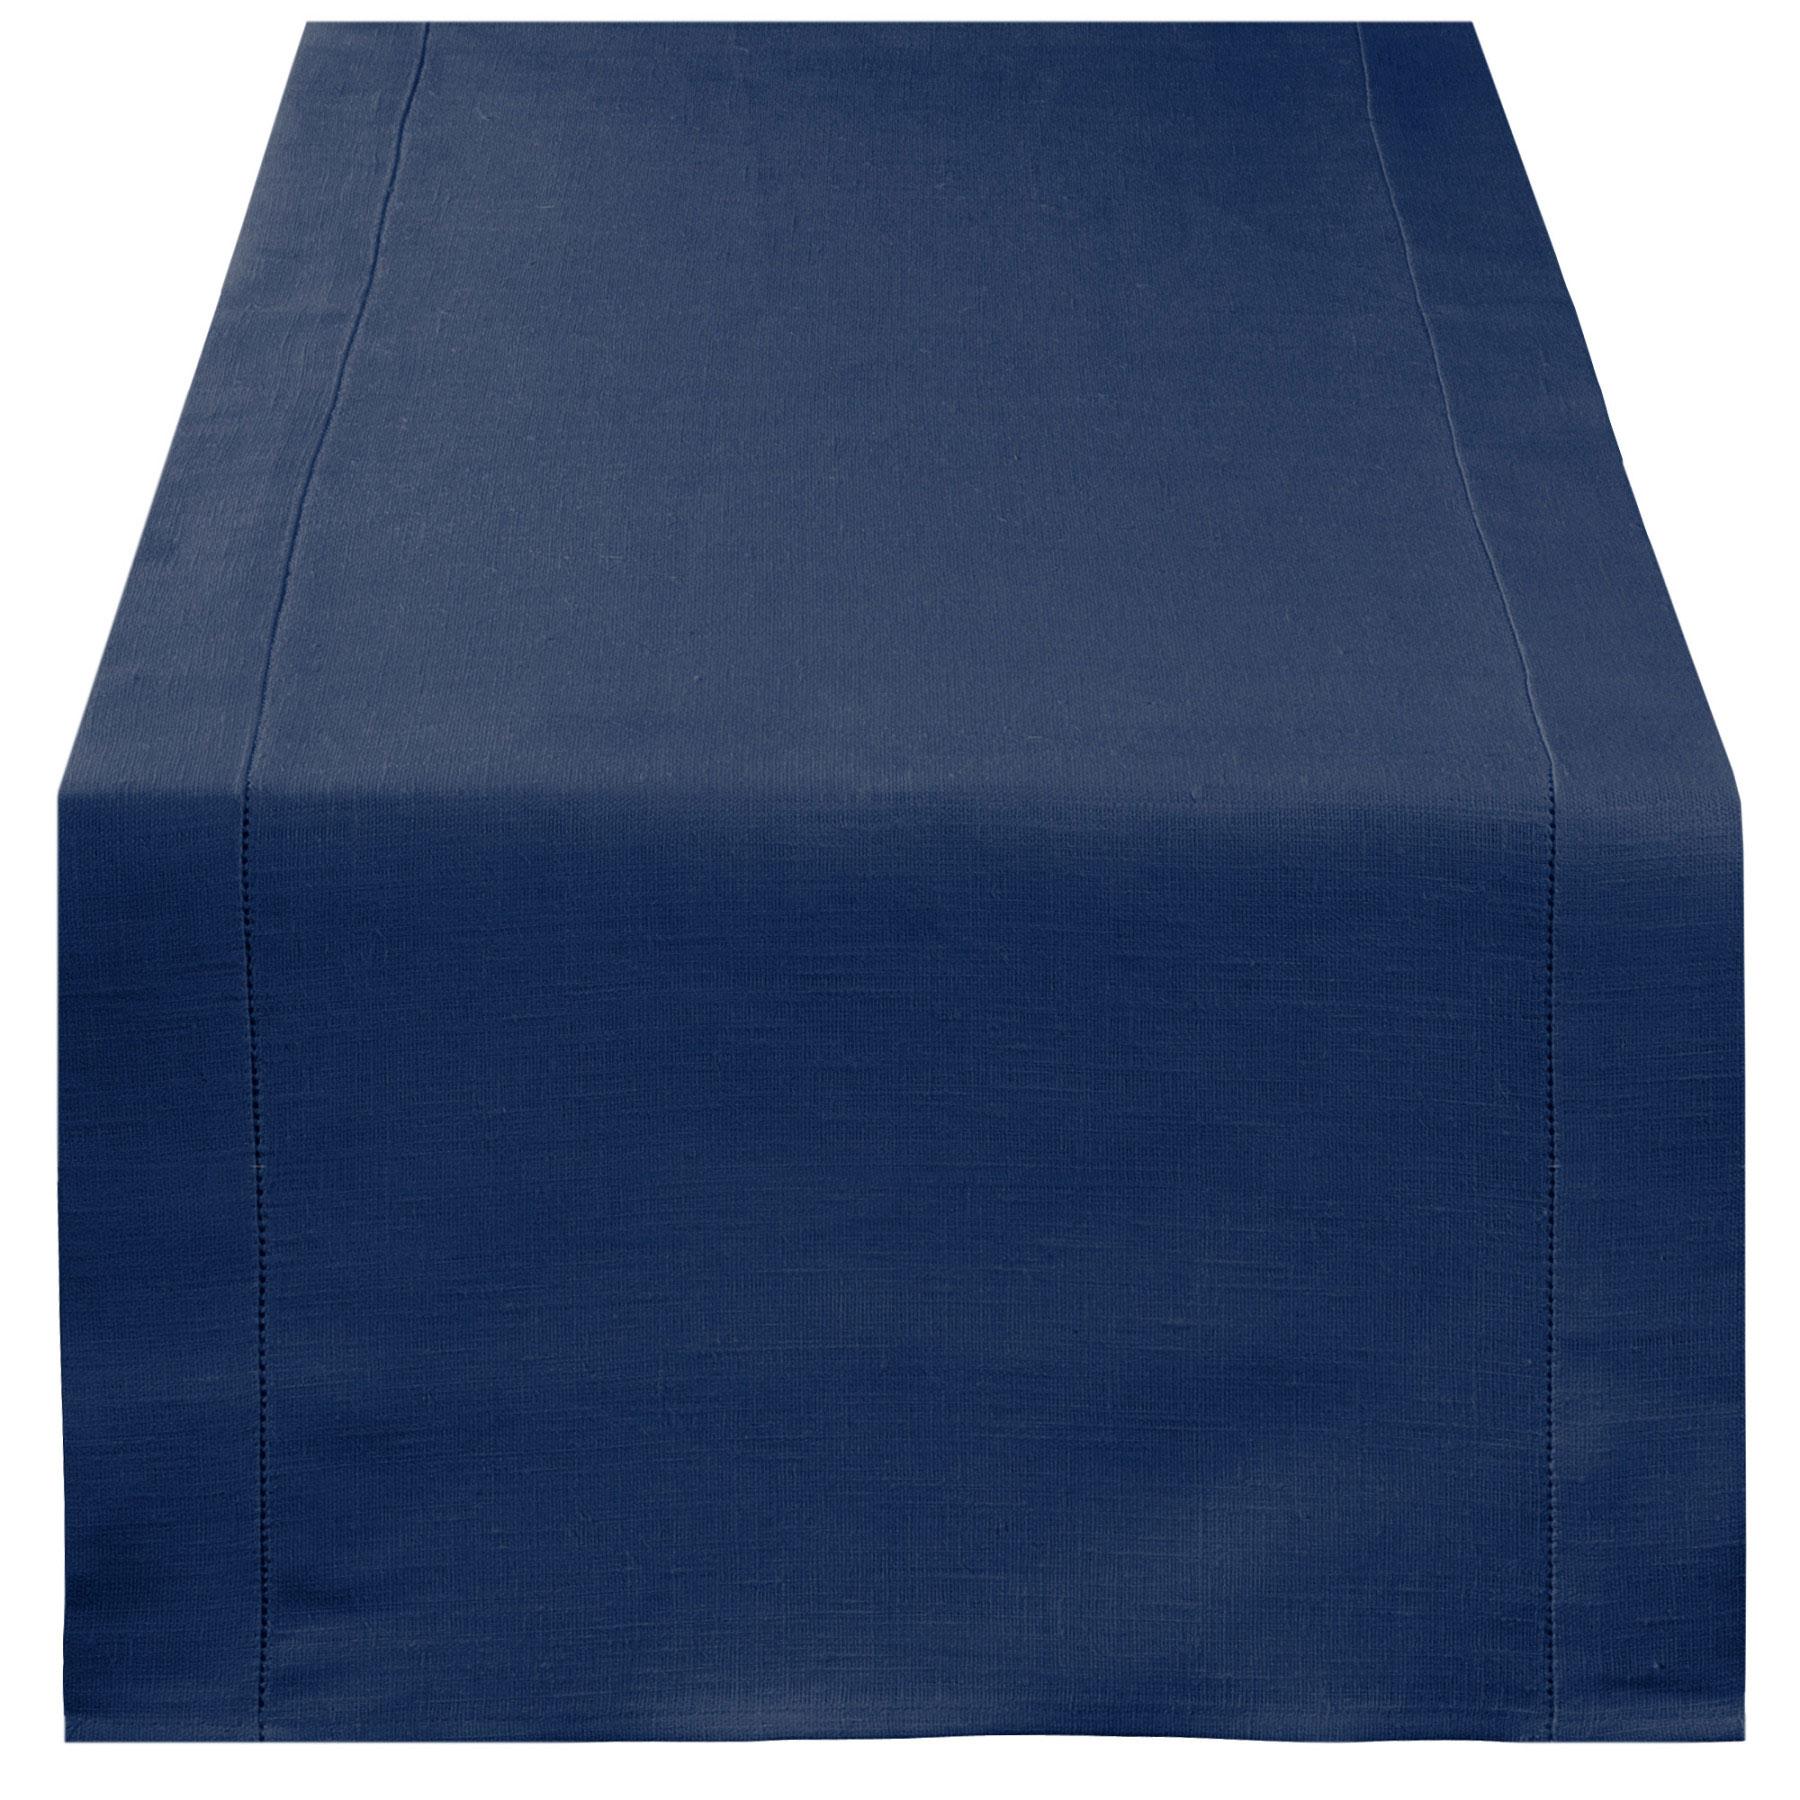 TABLE RUNNER <br />dark blue